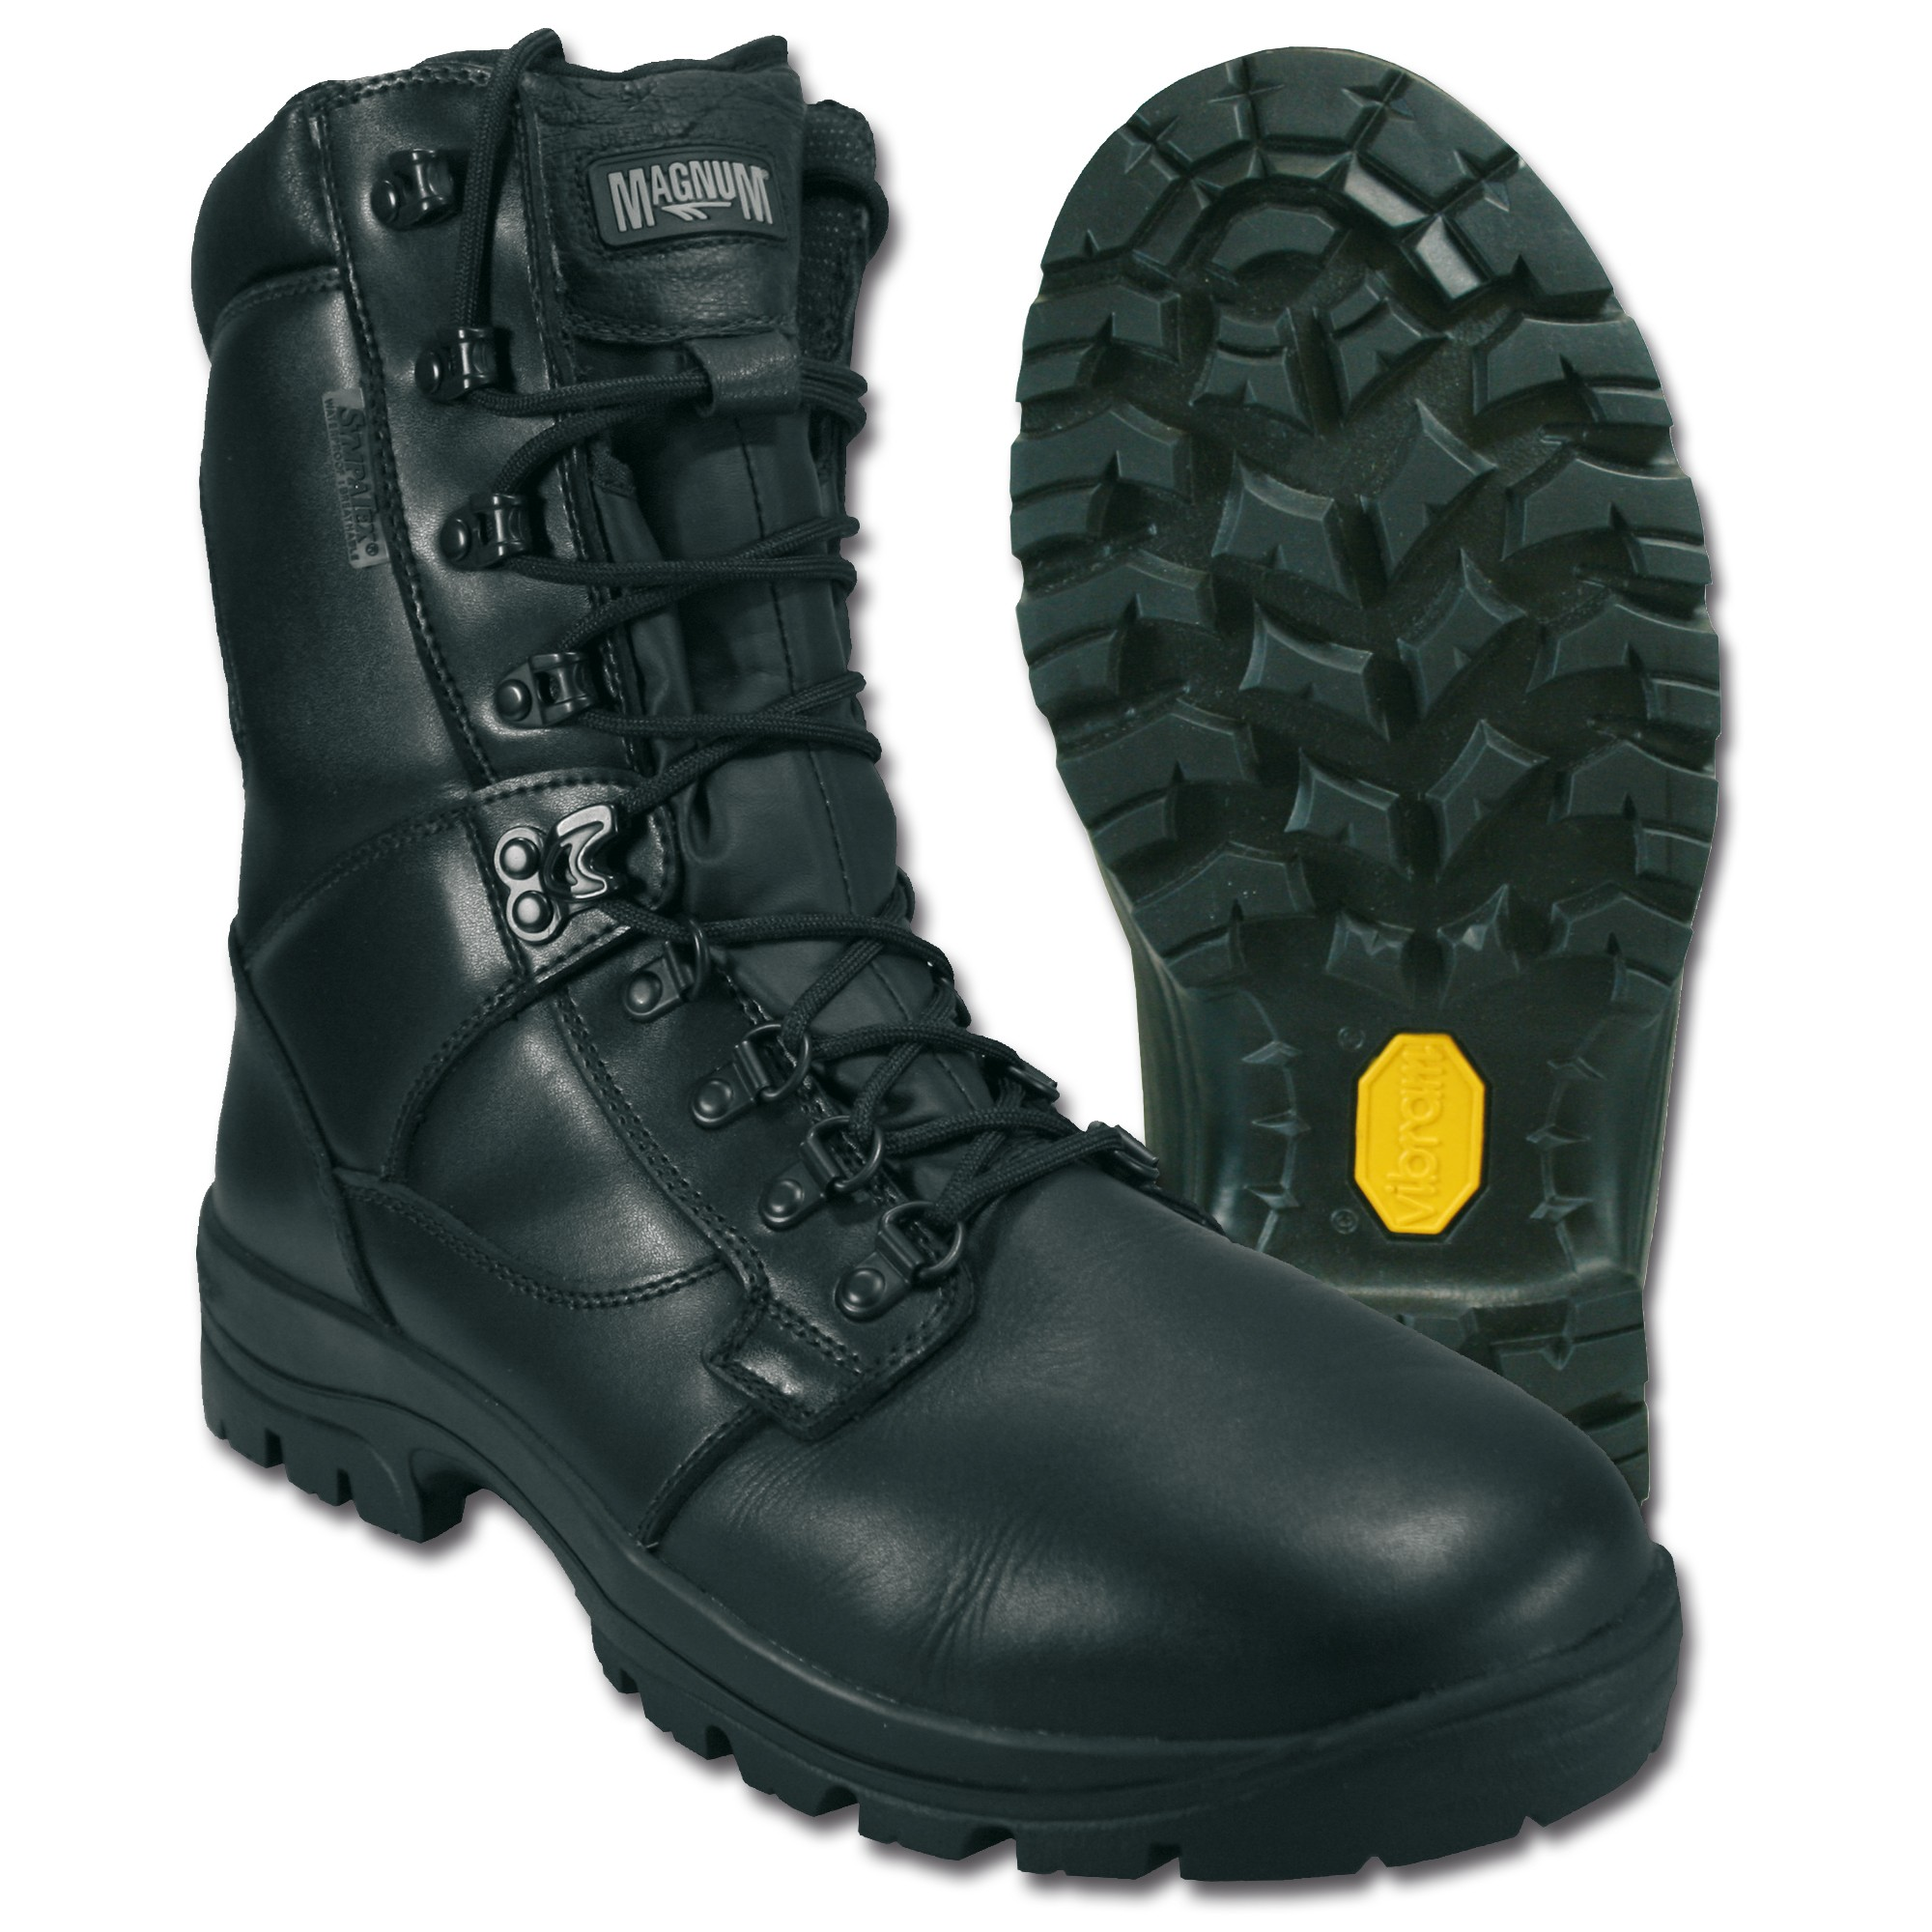 Stiefel Magnum Hi-Tec Elite II Leather